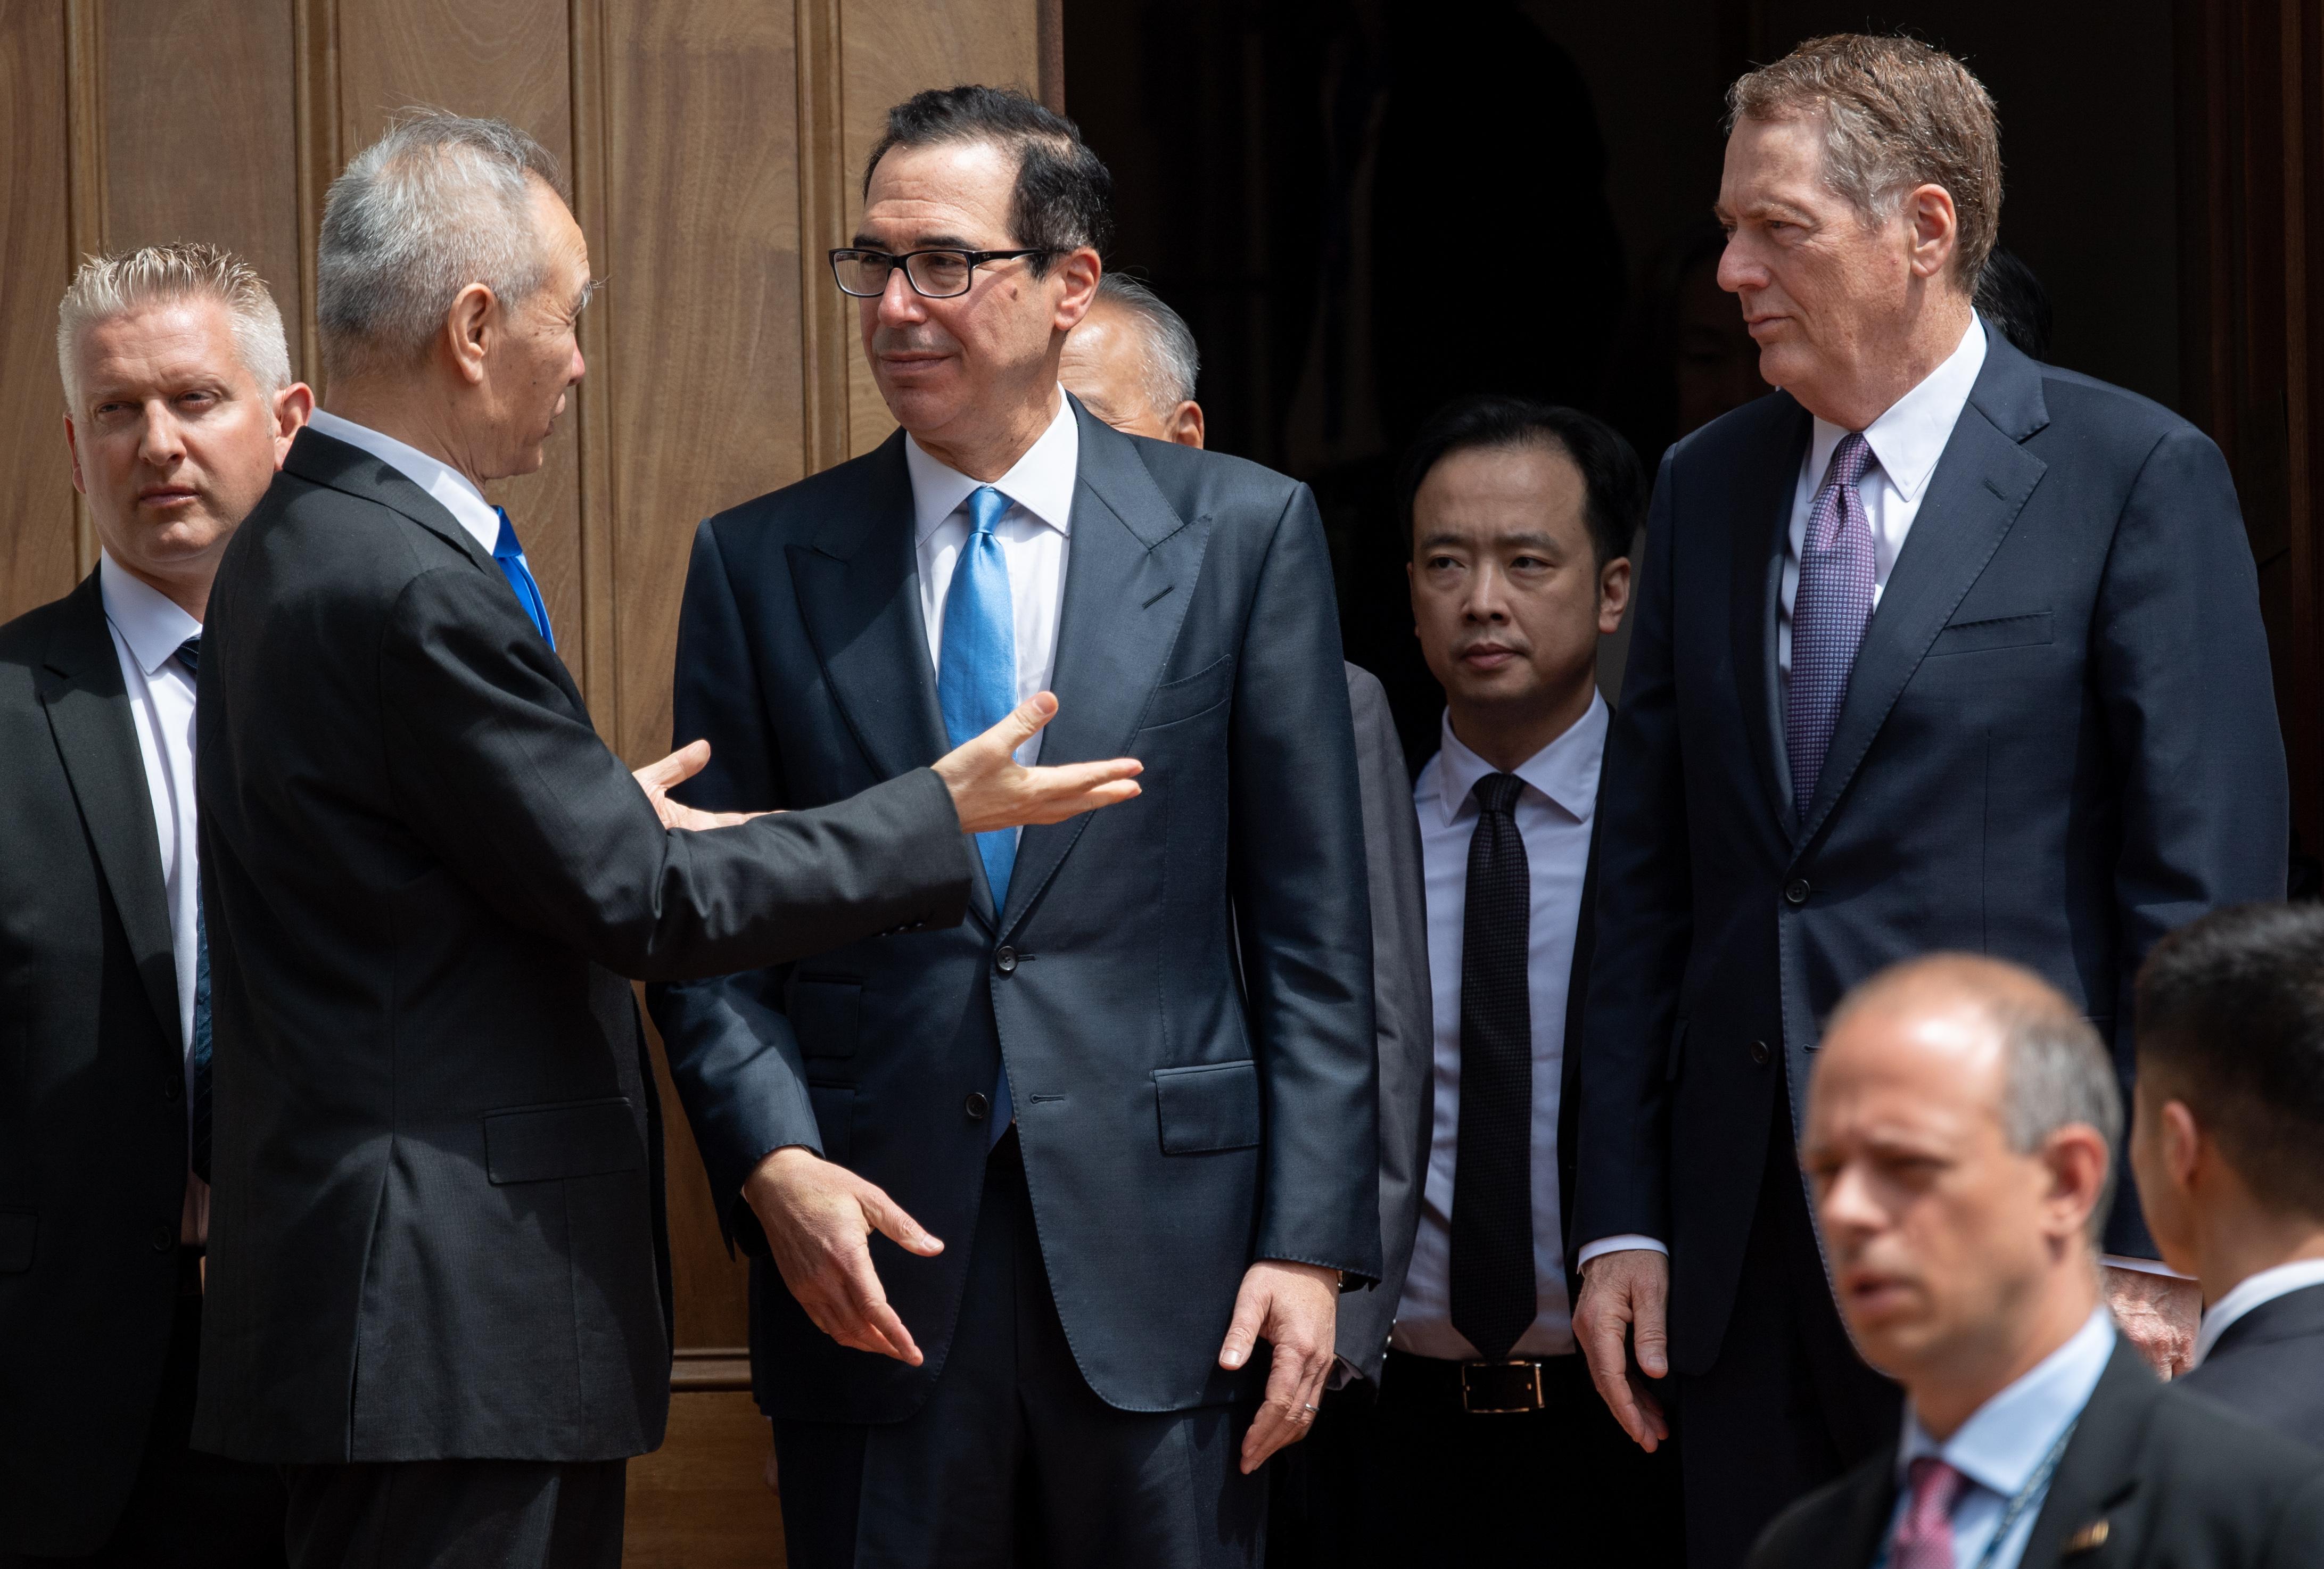 【新聞看點】邊打邊談?美徵關稅北京虧大了